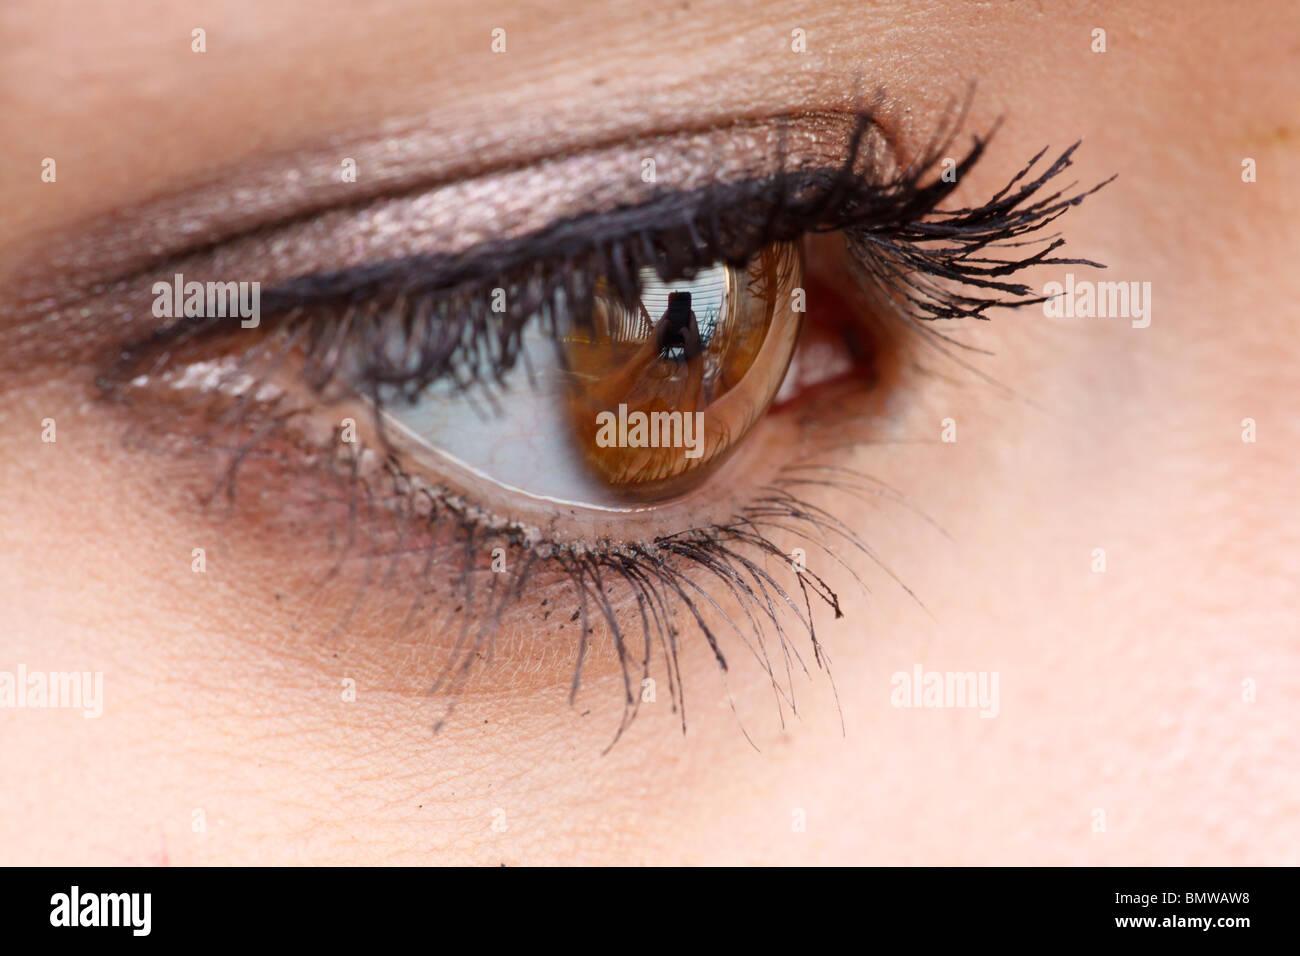 Primer plano del ojo de una adolescente con mascara. Imagen De Stock